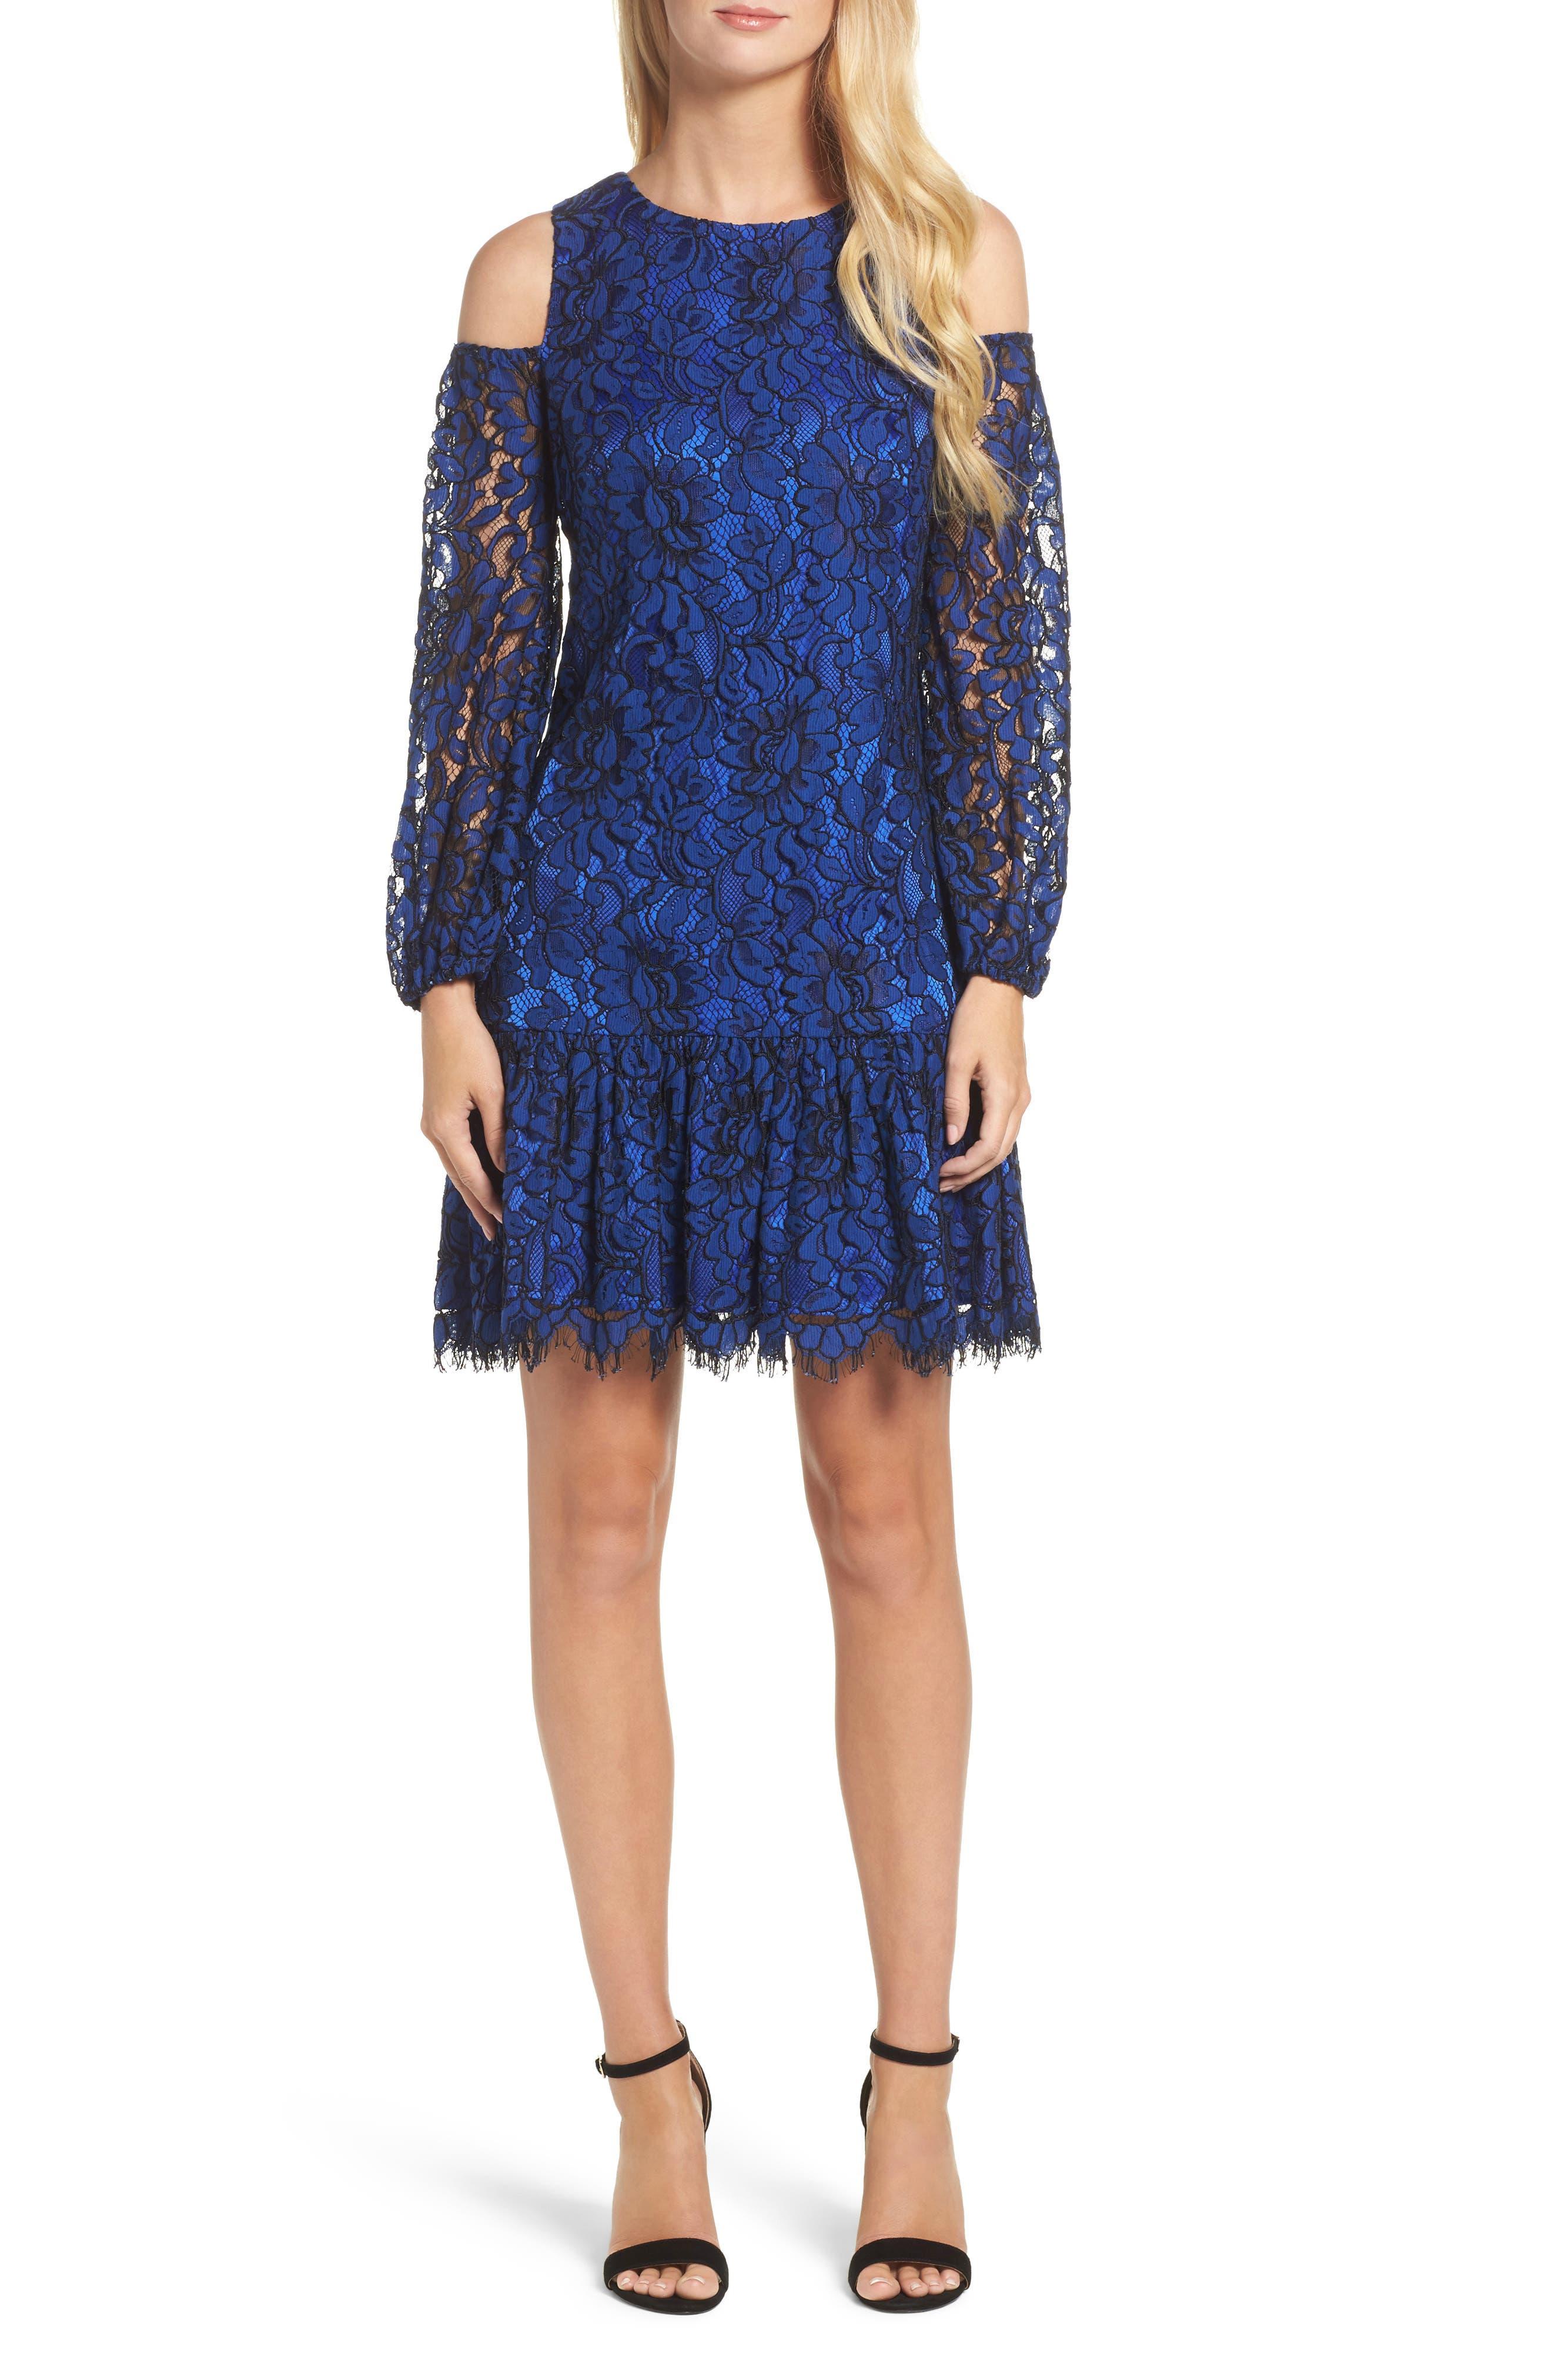 Alternate Image 1 Selected - Eliza J Lace Cold Shoulder Dress